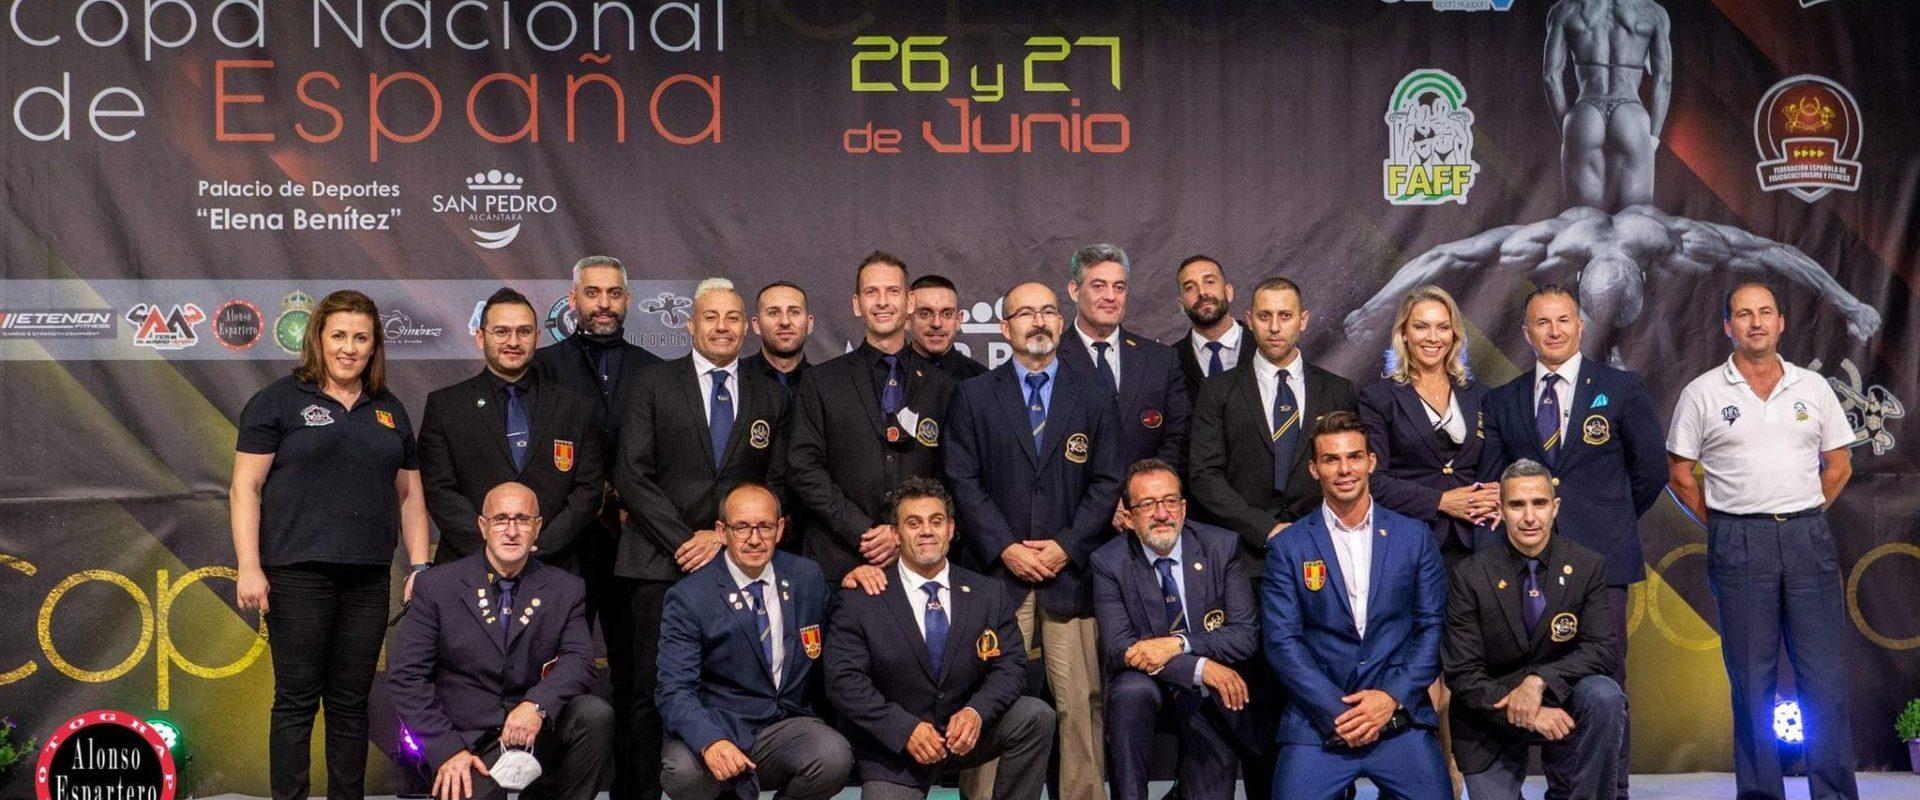 VALENCIA LOGRA 7 MEDALLAS EN LA COPA DE ESPAÑA 2021